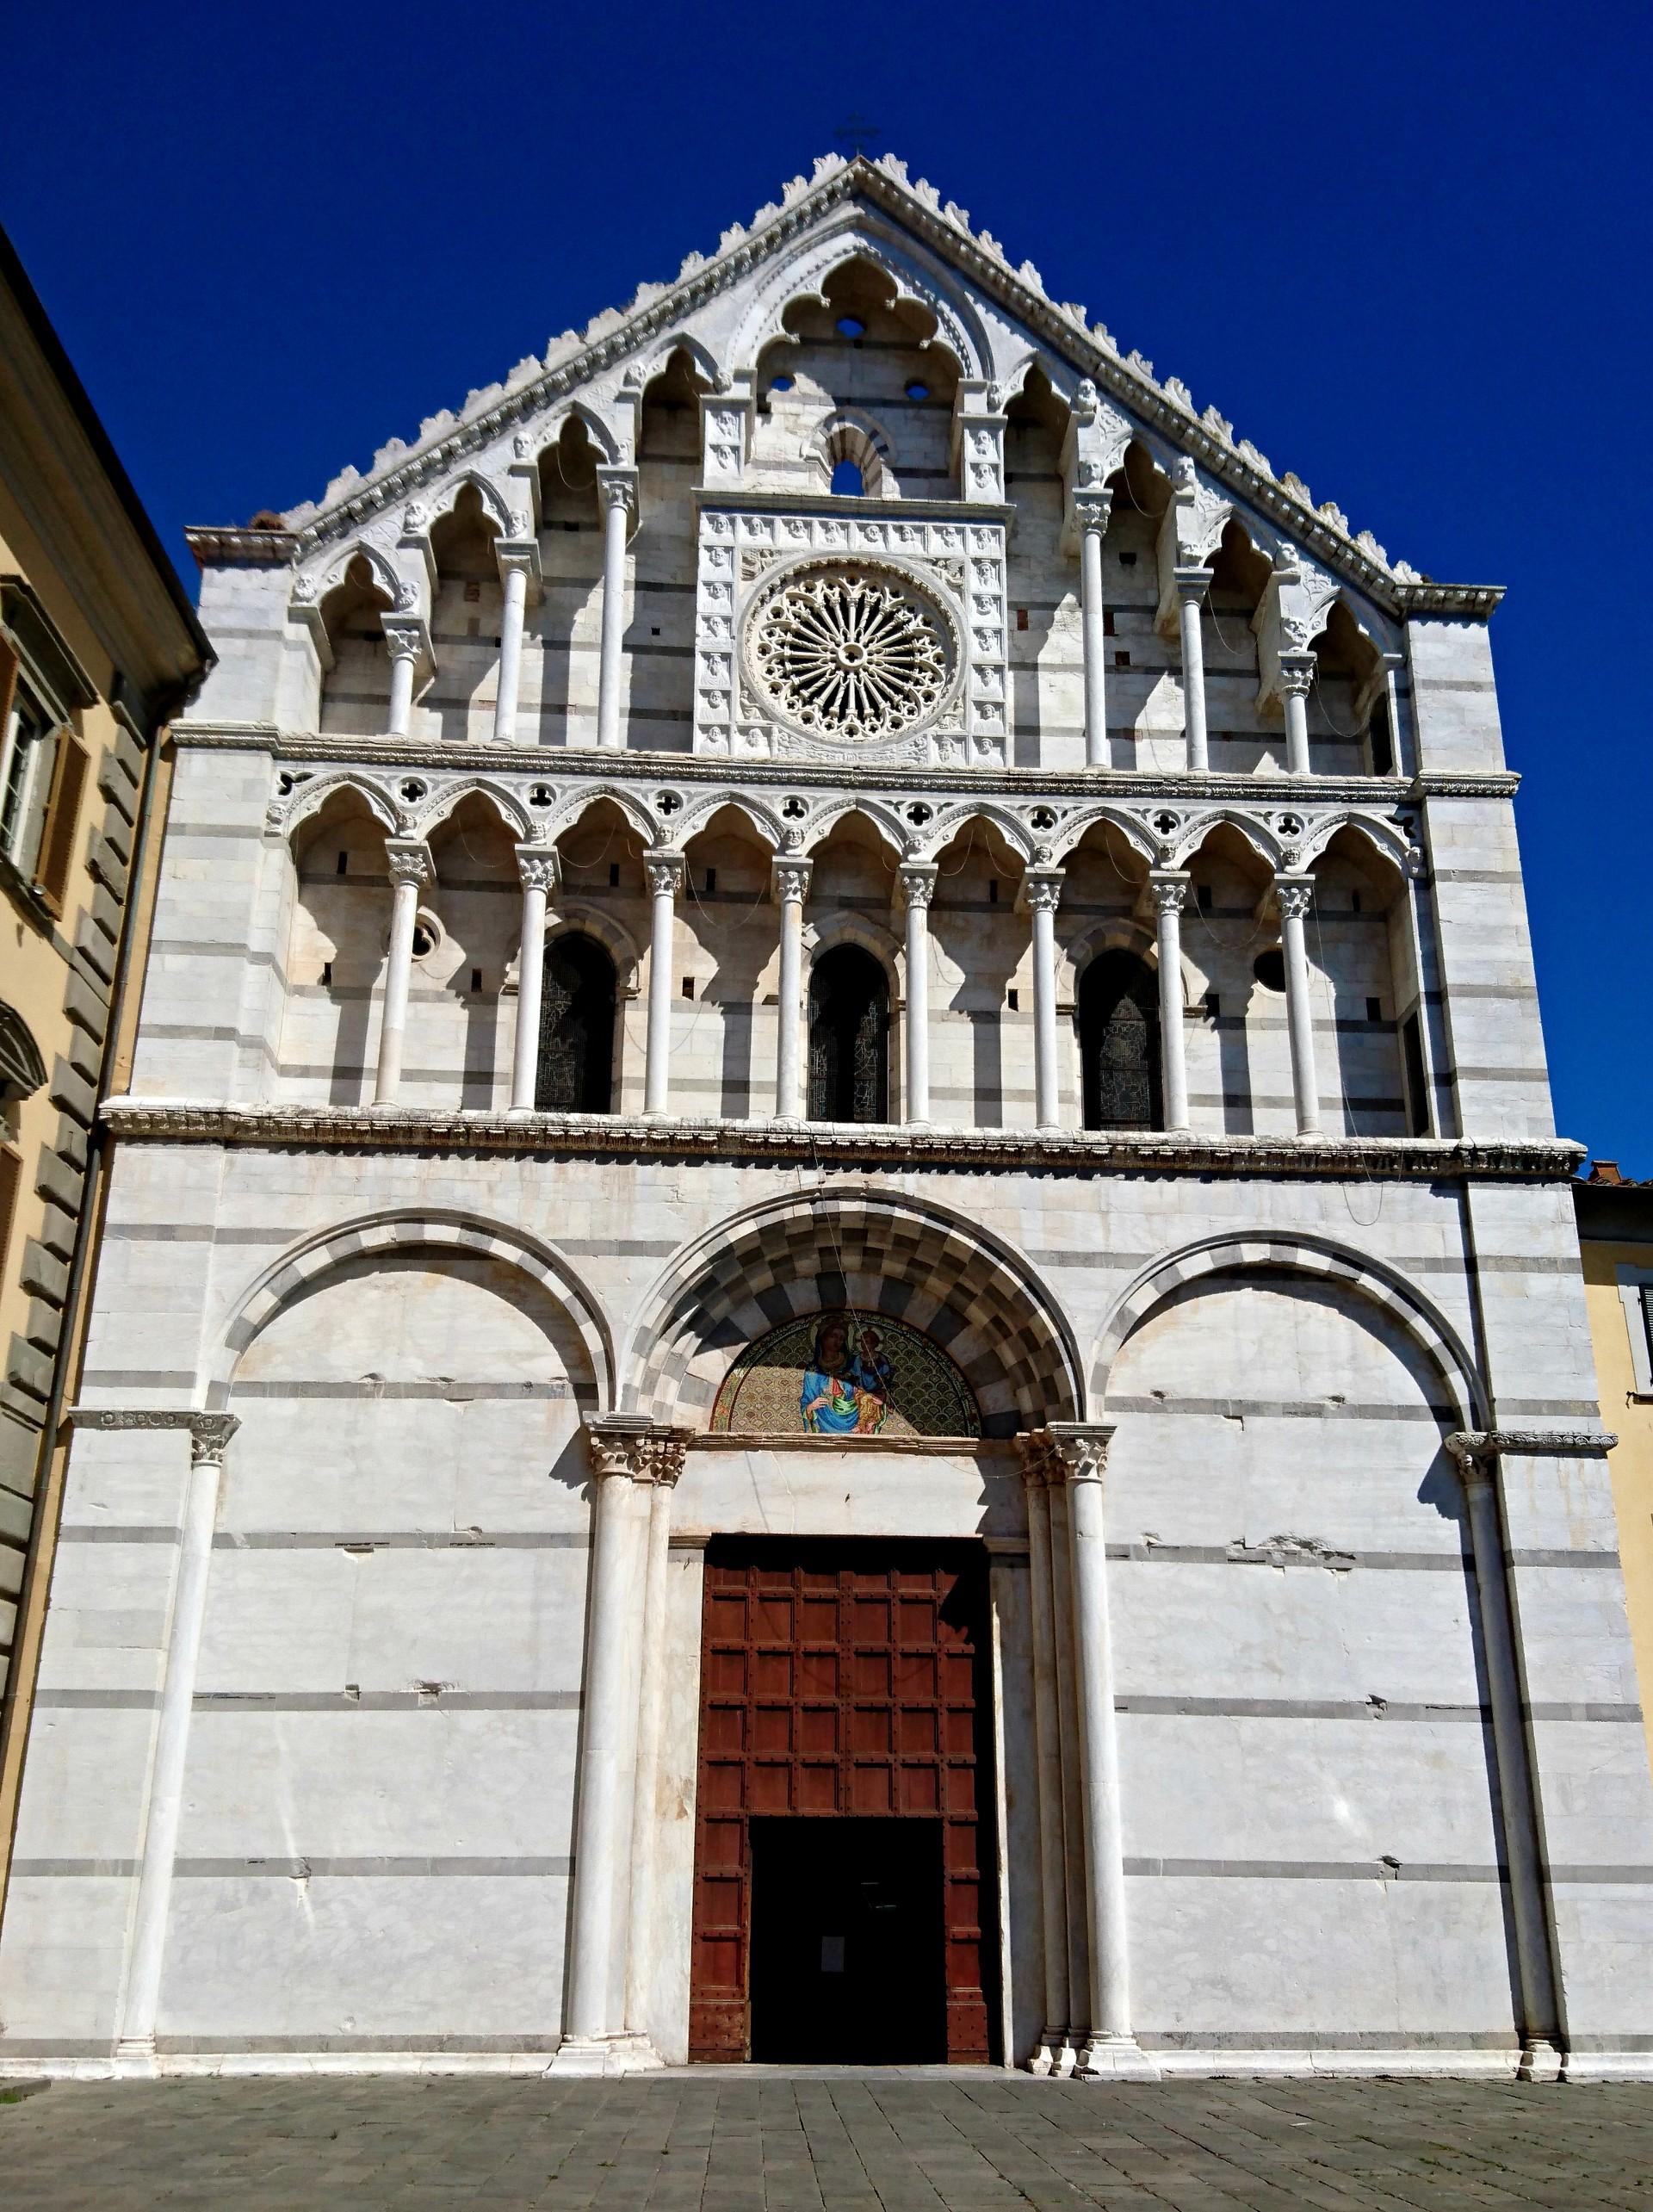 churches-beauty-dbfa7891cd64e4ab57585843